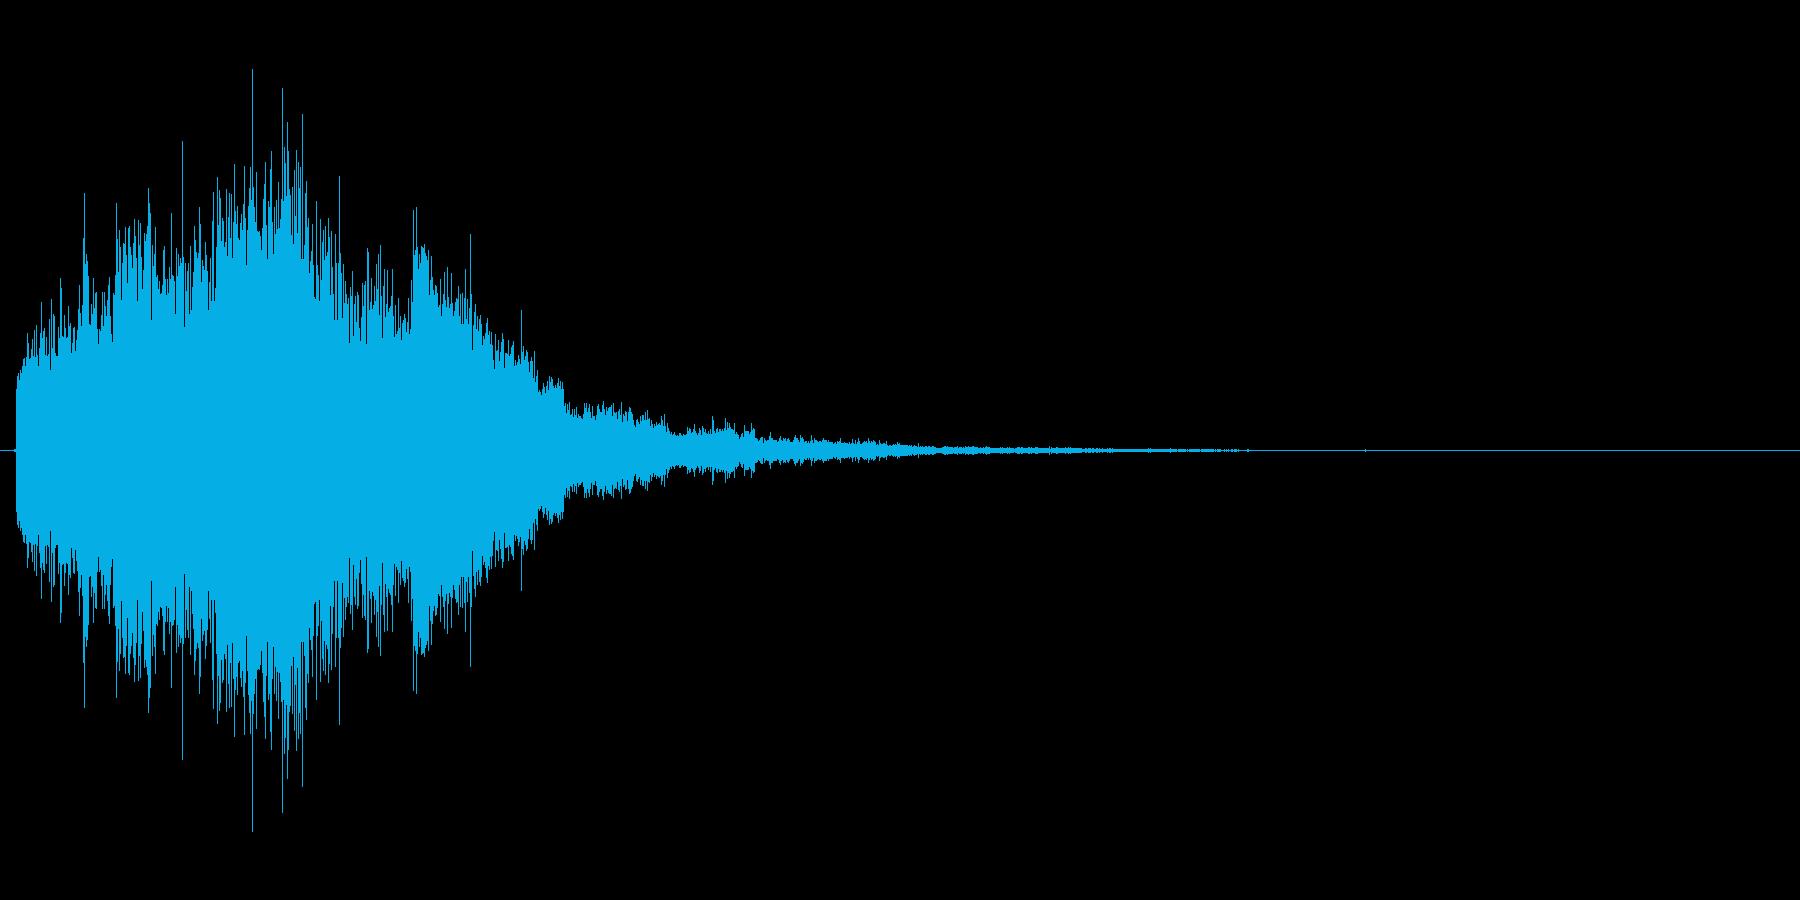 キラキラキラ...(流れ星、場面転換)の再生済みの波形